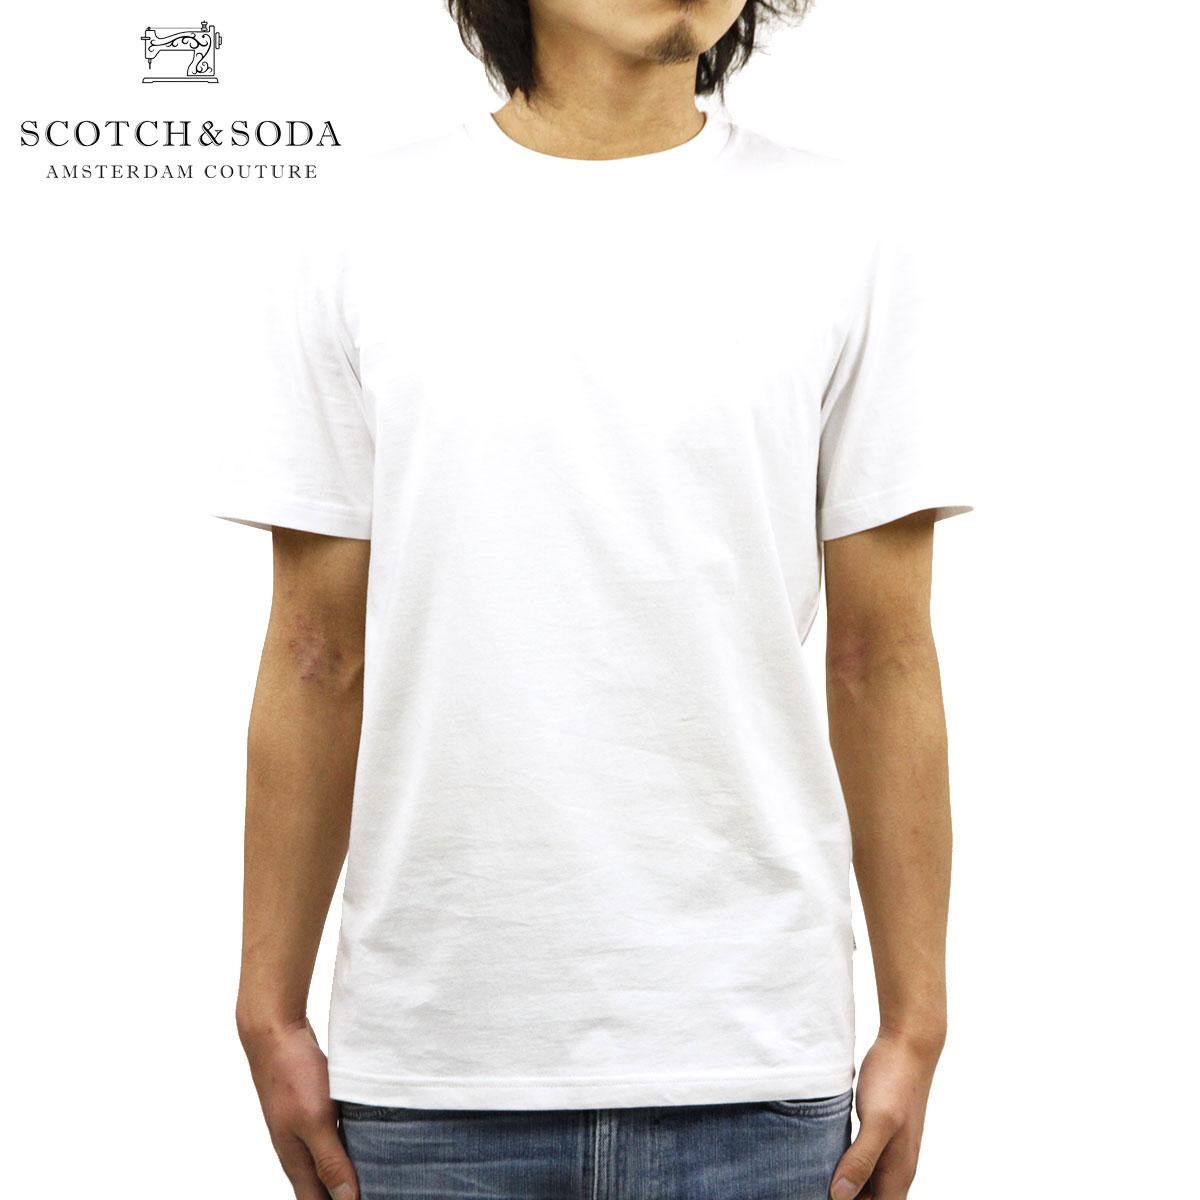 スコッチアンドソーダ Tシャツ 正規販売店 SCOTCH&SODA 半袖Tシャツ クルーネックTシャツ BASIC NOS WIDER NECK COTTON TEE 153657 00 WHITE A39B B1C C1D D1E E01F